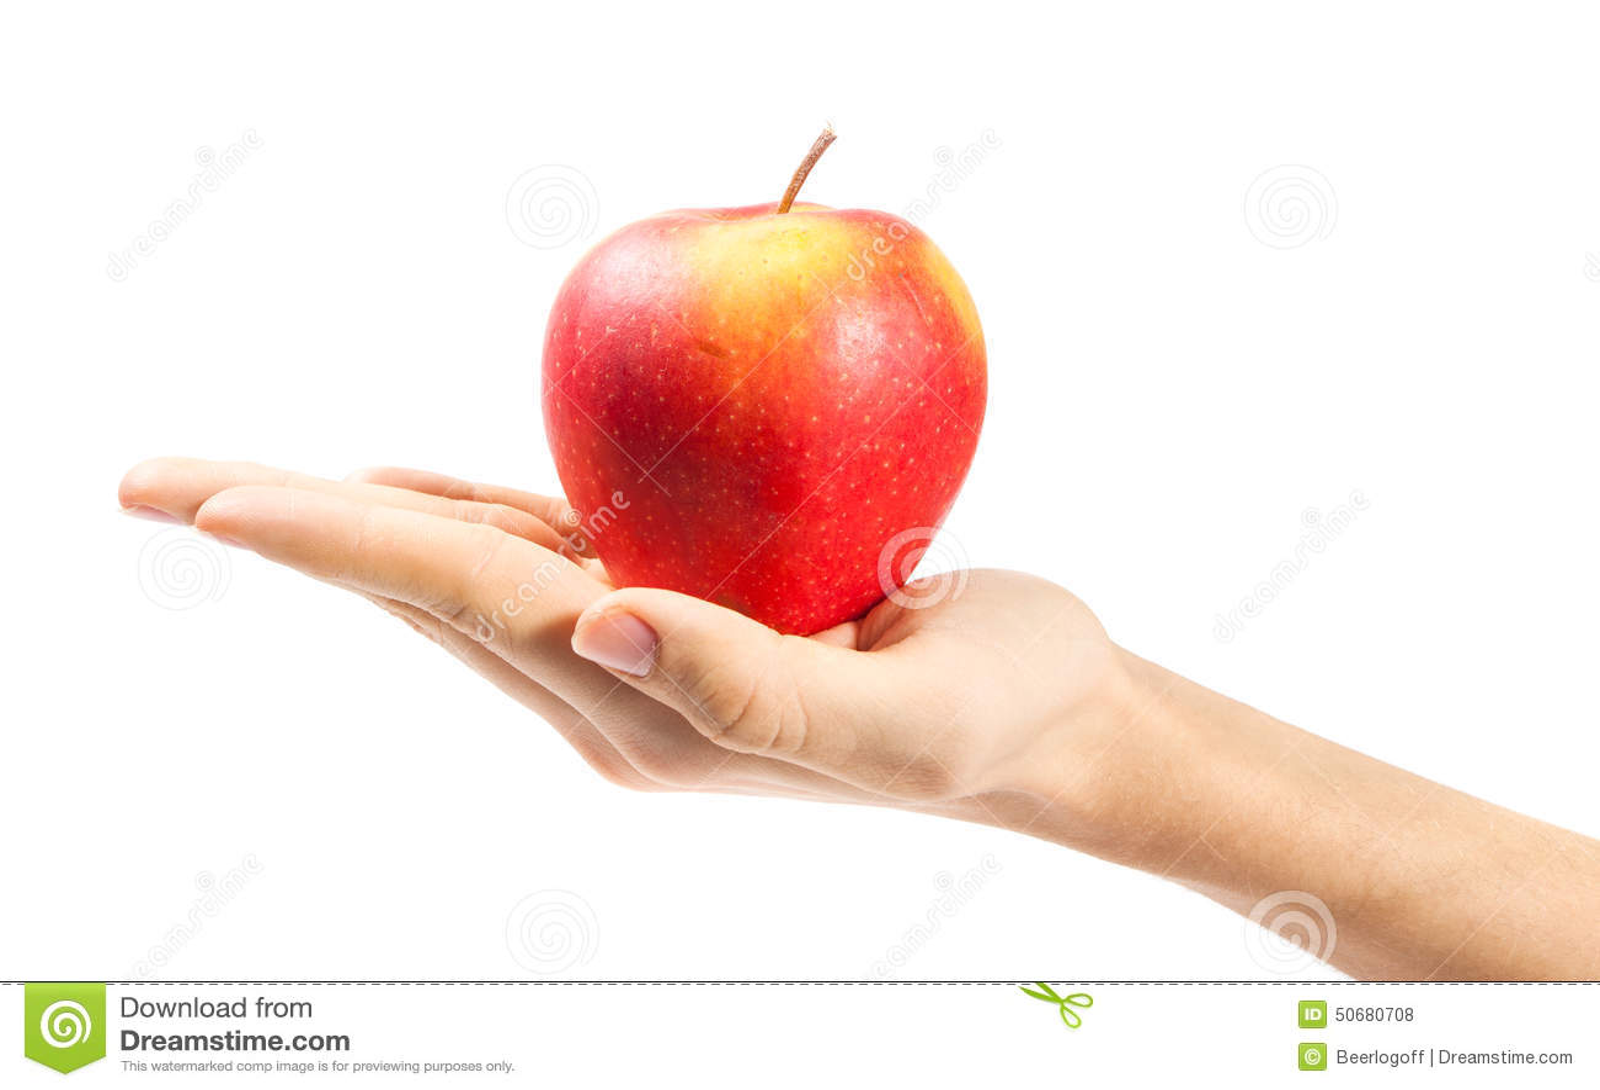 Download 拿着苹果的现有量 库存照片. 图片 包括有 概念, 汁液, 掌上型计算机, 自然, 本质, 产生, 特写镜头 - 50680708